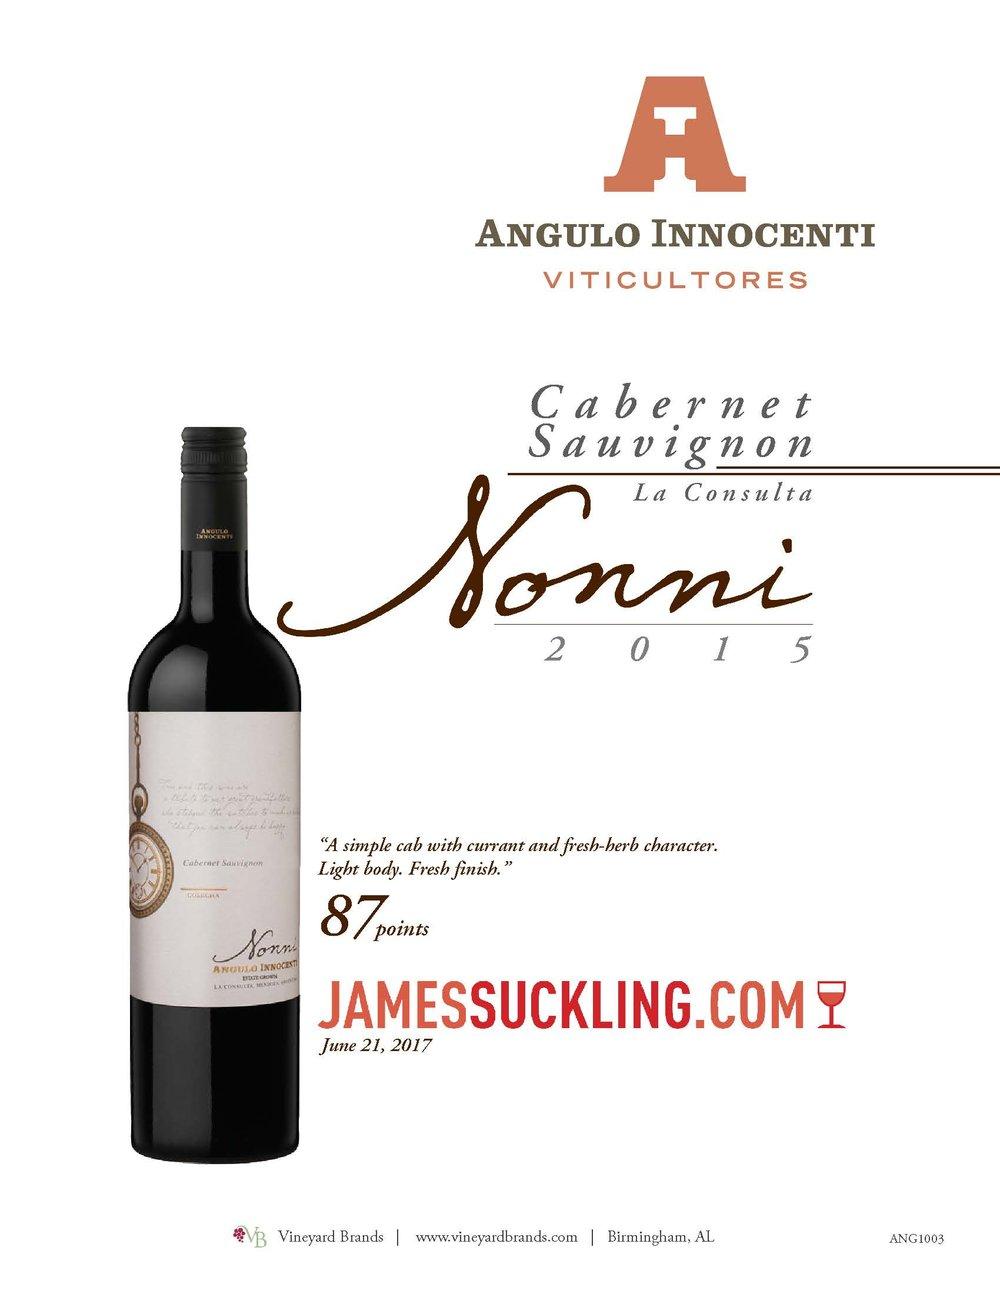 Angulo Innocenti Cabernet Sauvignon Nonni 2015.jpg